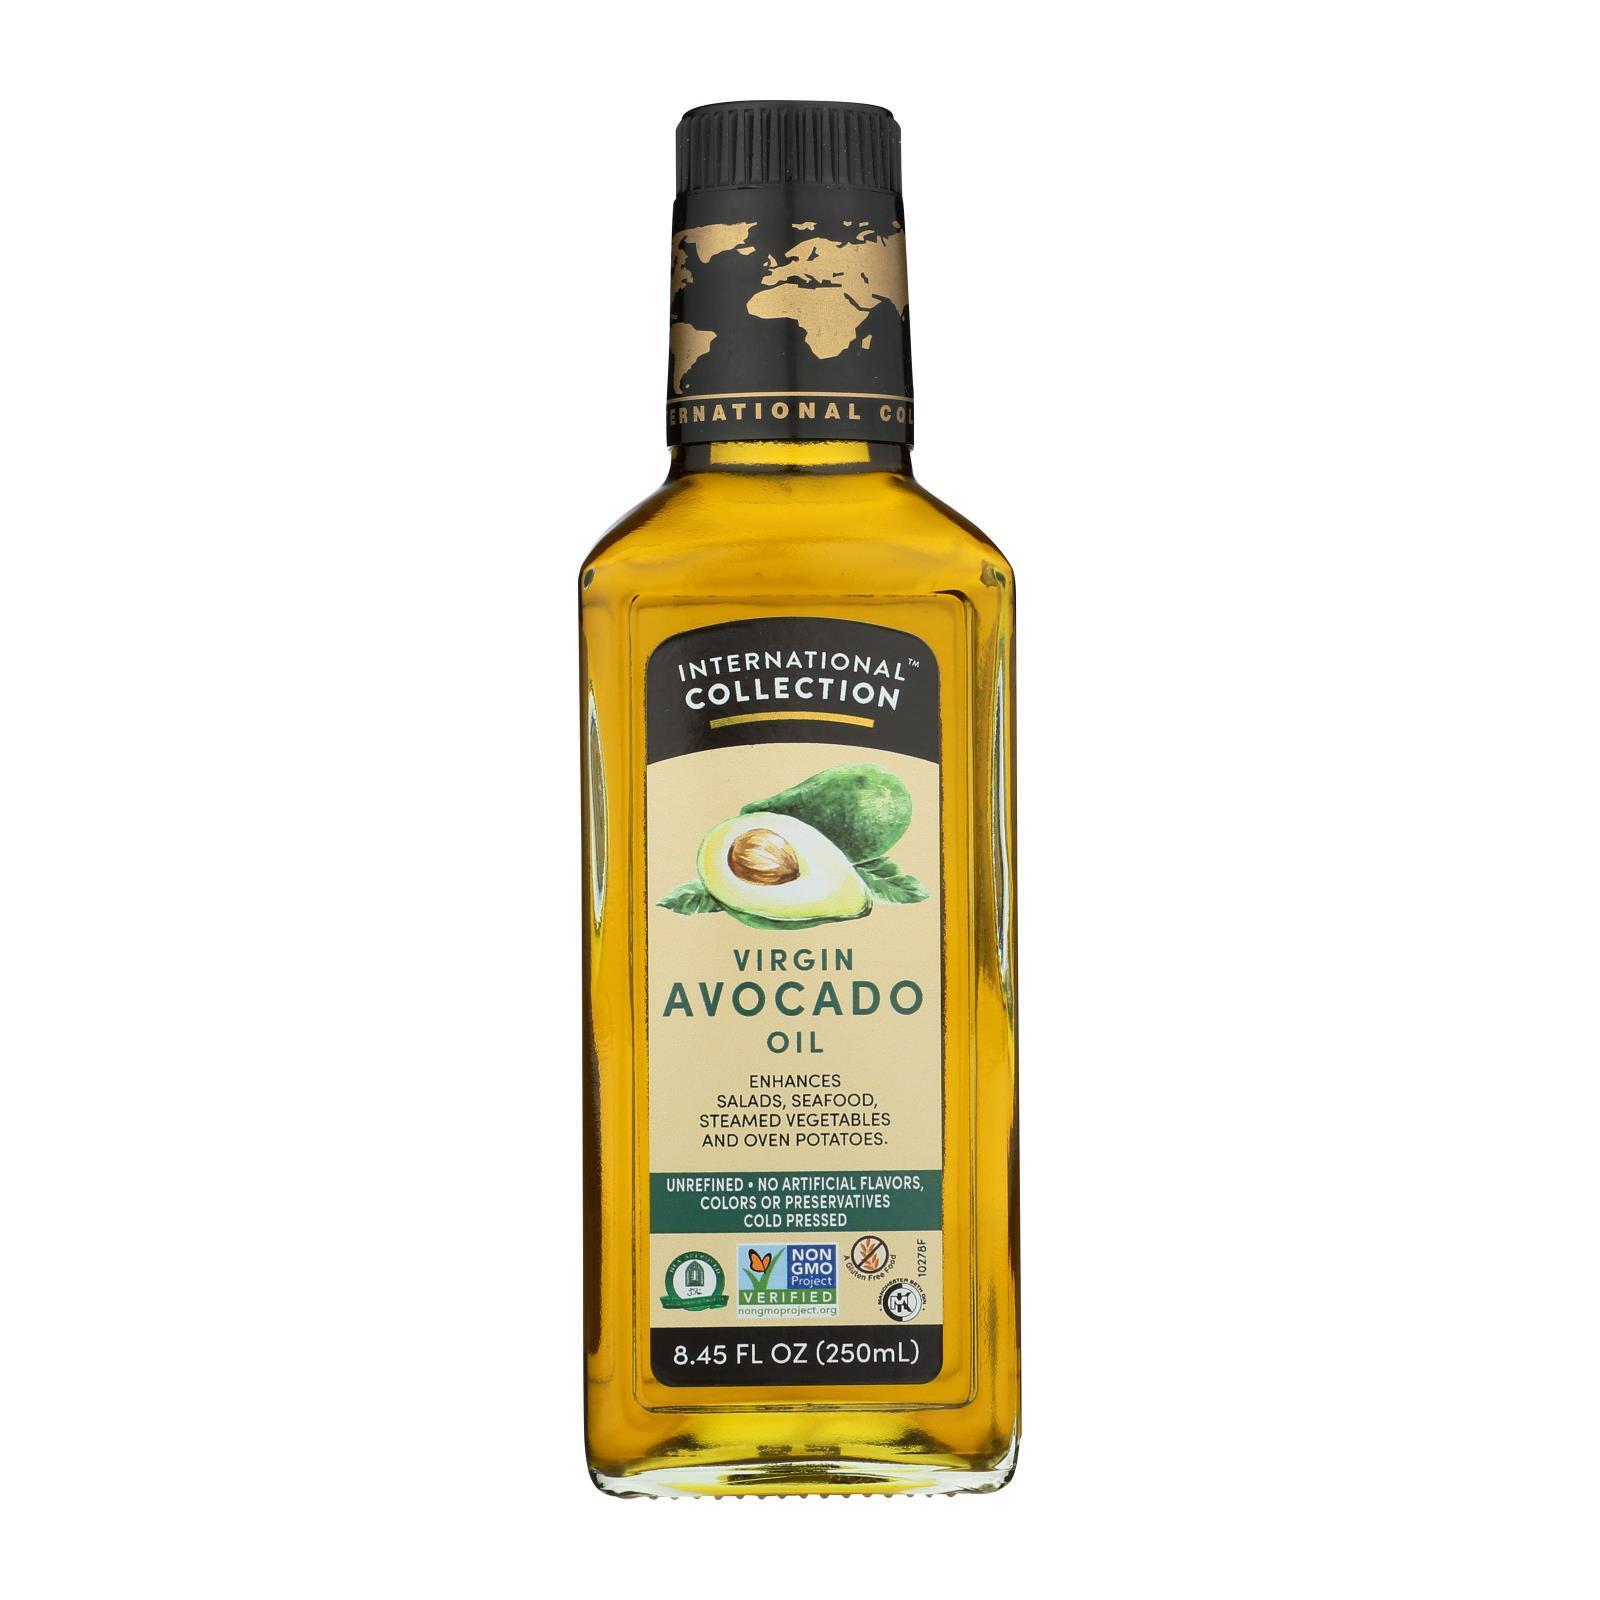 International Collection Avocado Oil - Virgin - Case of 6 - 8.45 Fl oz.